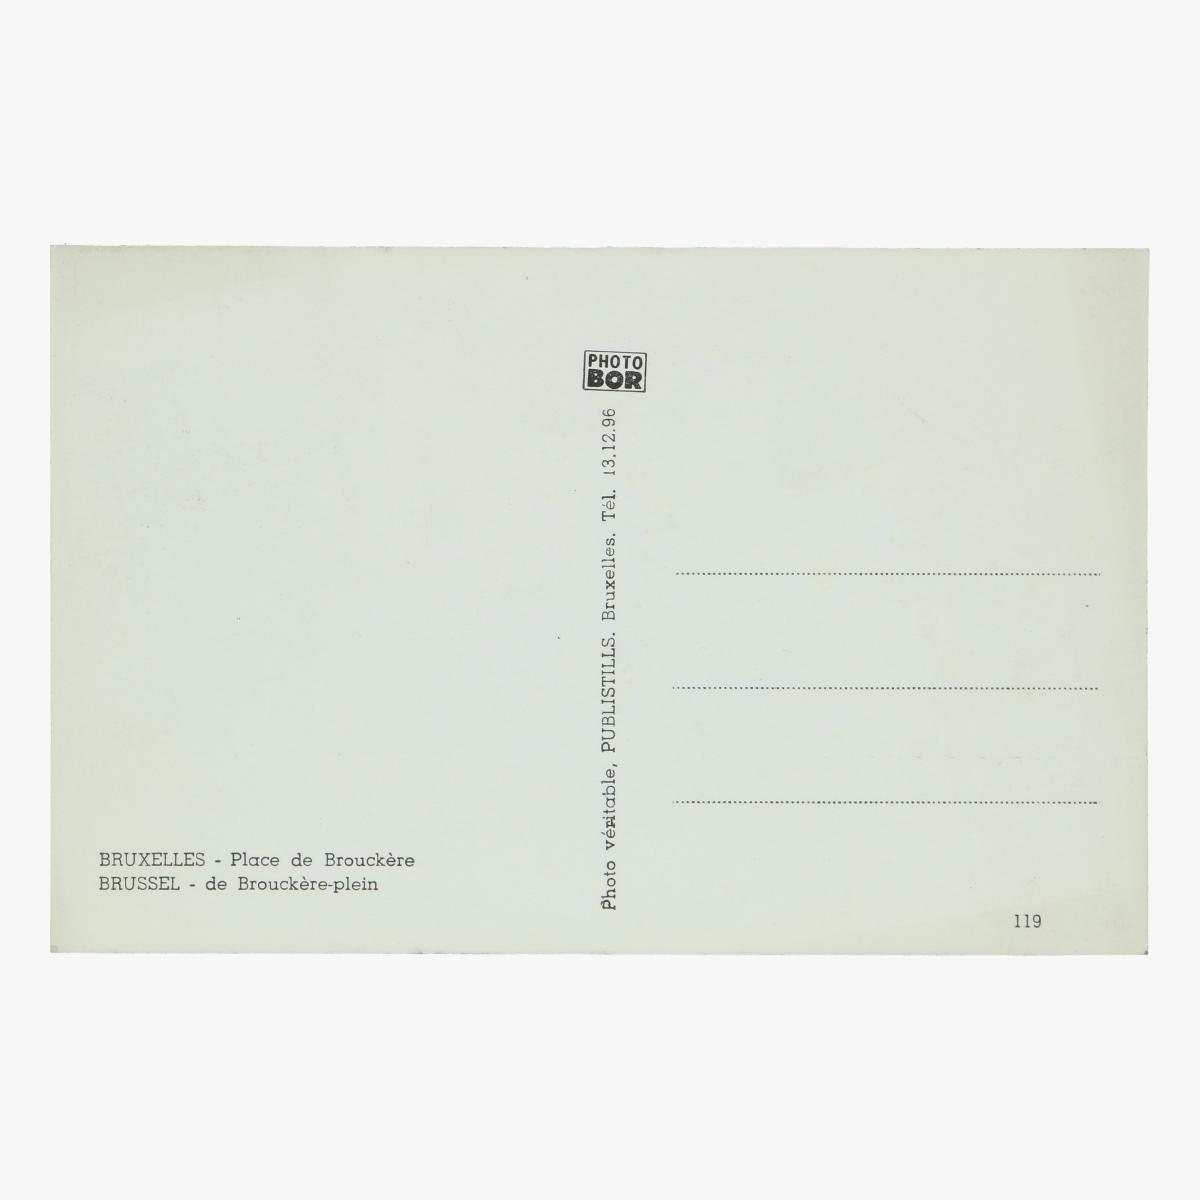 Afbeeldingen van oude postkaart bruxelles place de brouckere